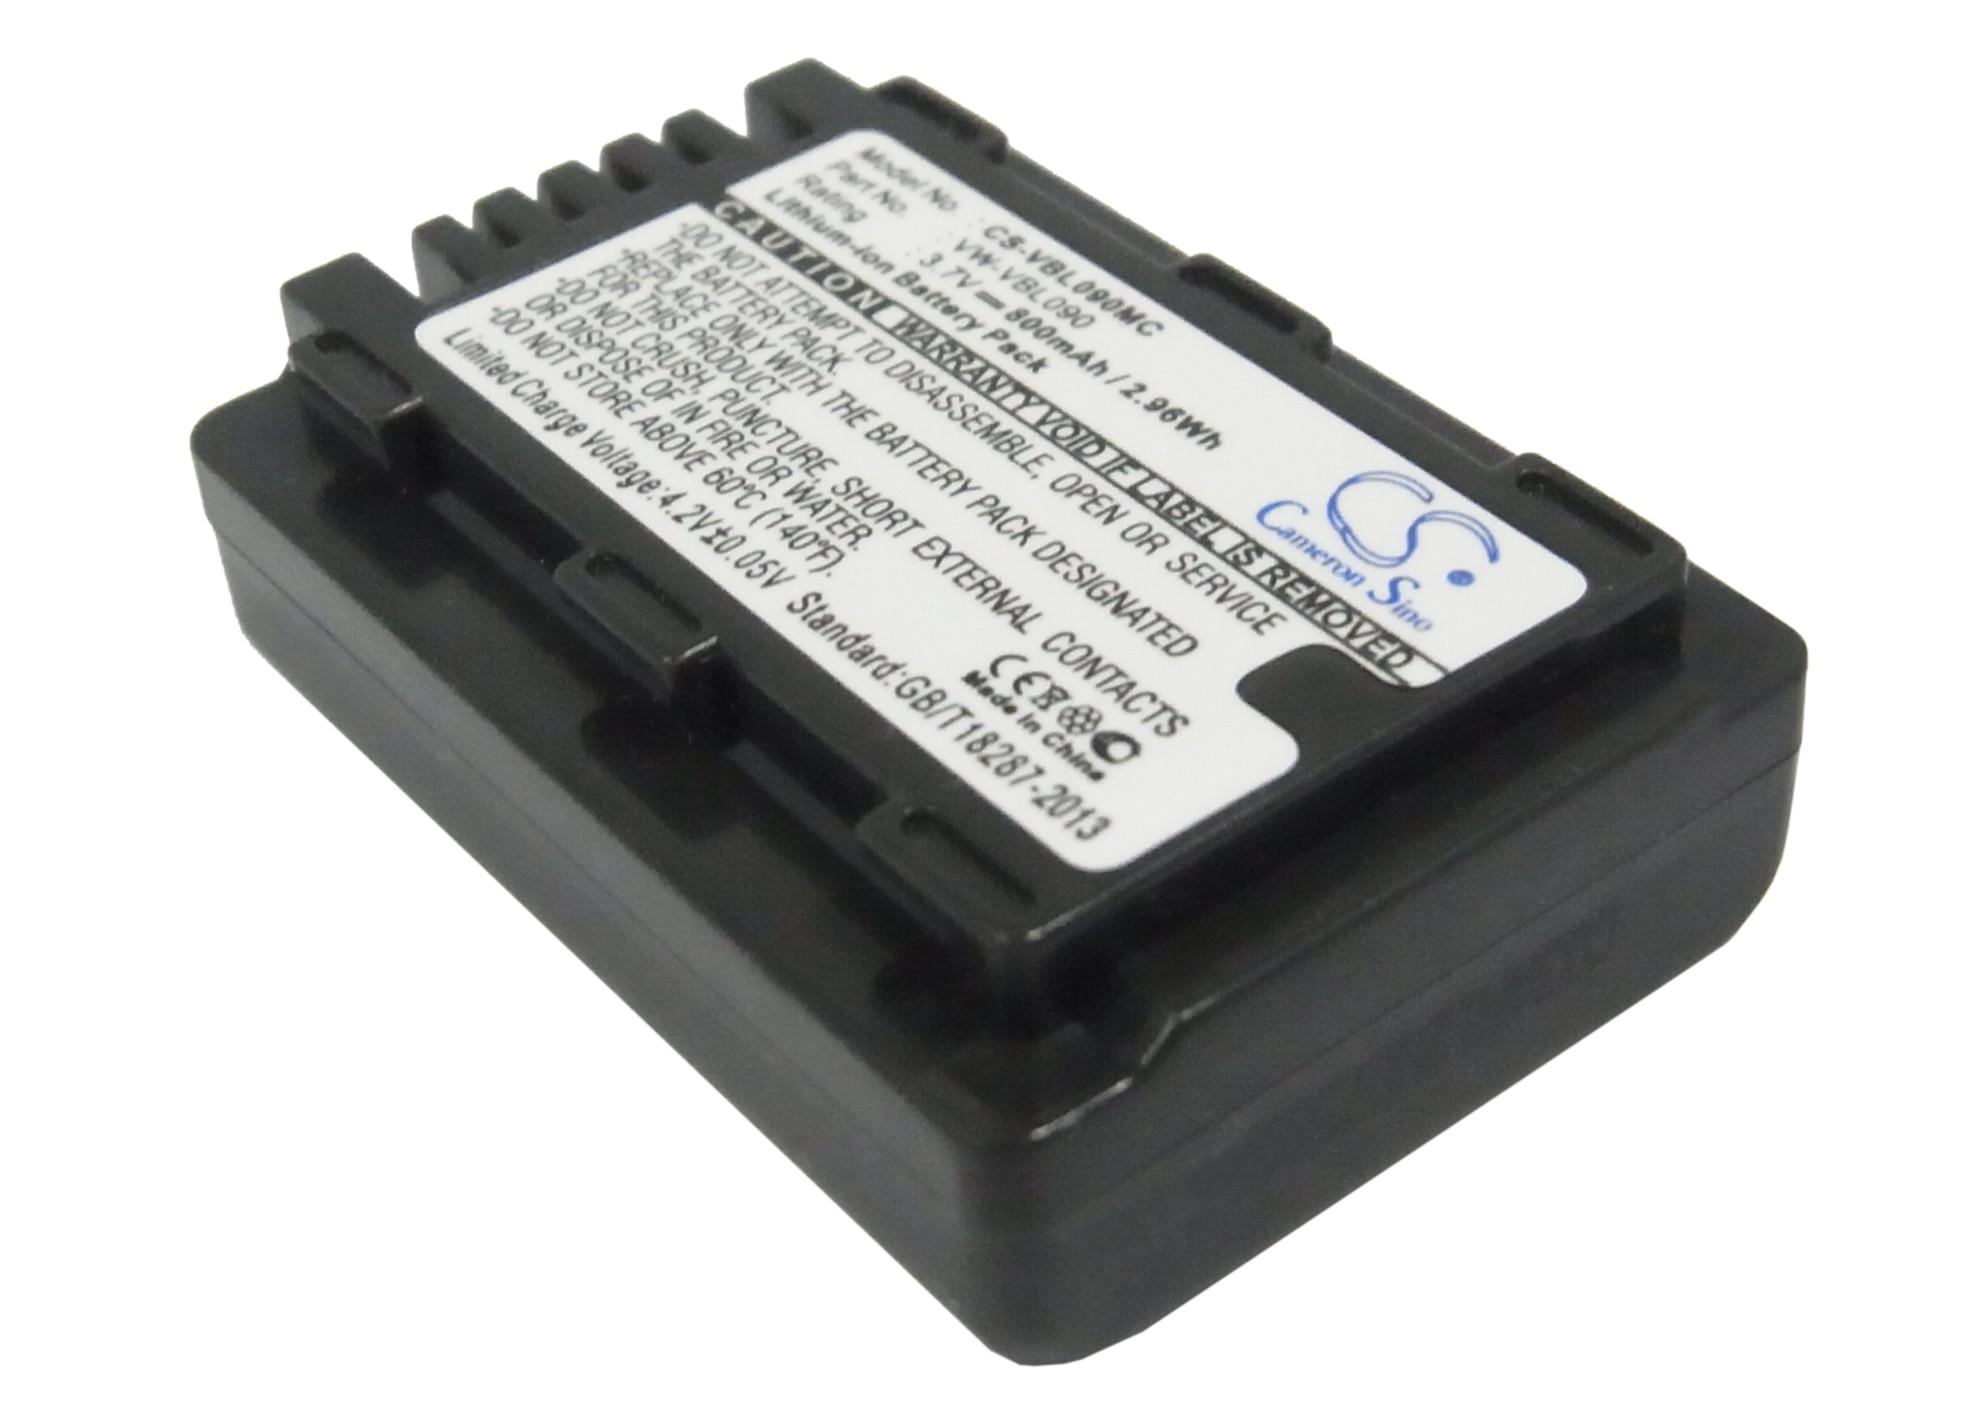 Cameron Sino baterie do kamer a fotoaparátů pro PANASONIC HDC-TM60 3.7V Li-ion 800mAh černá - neoriginální